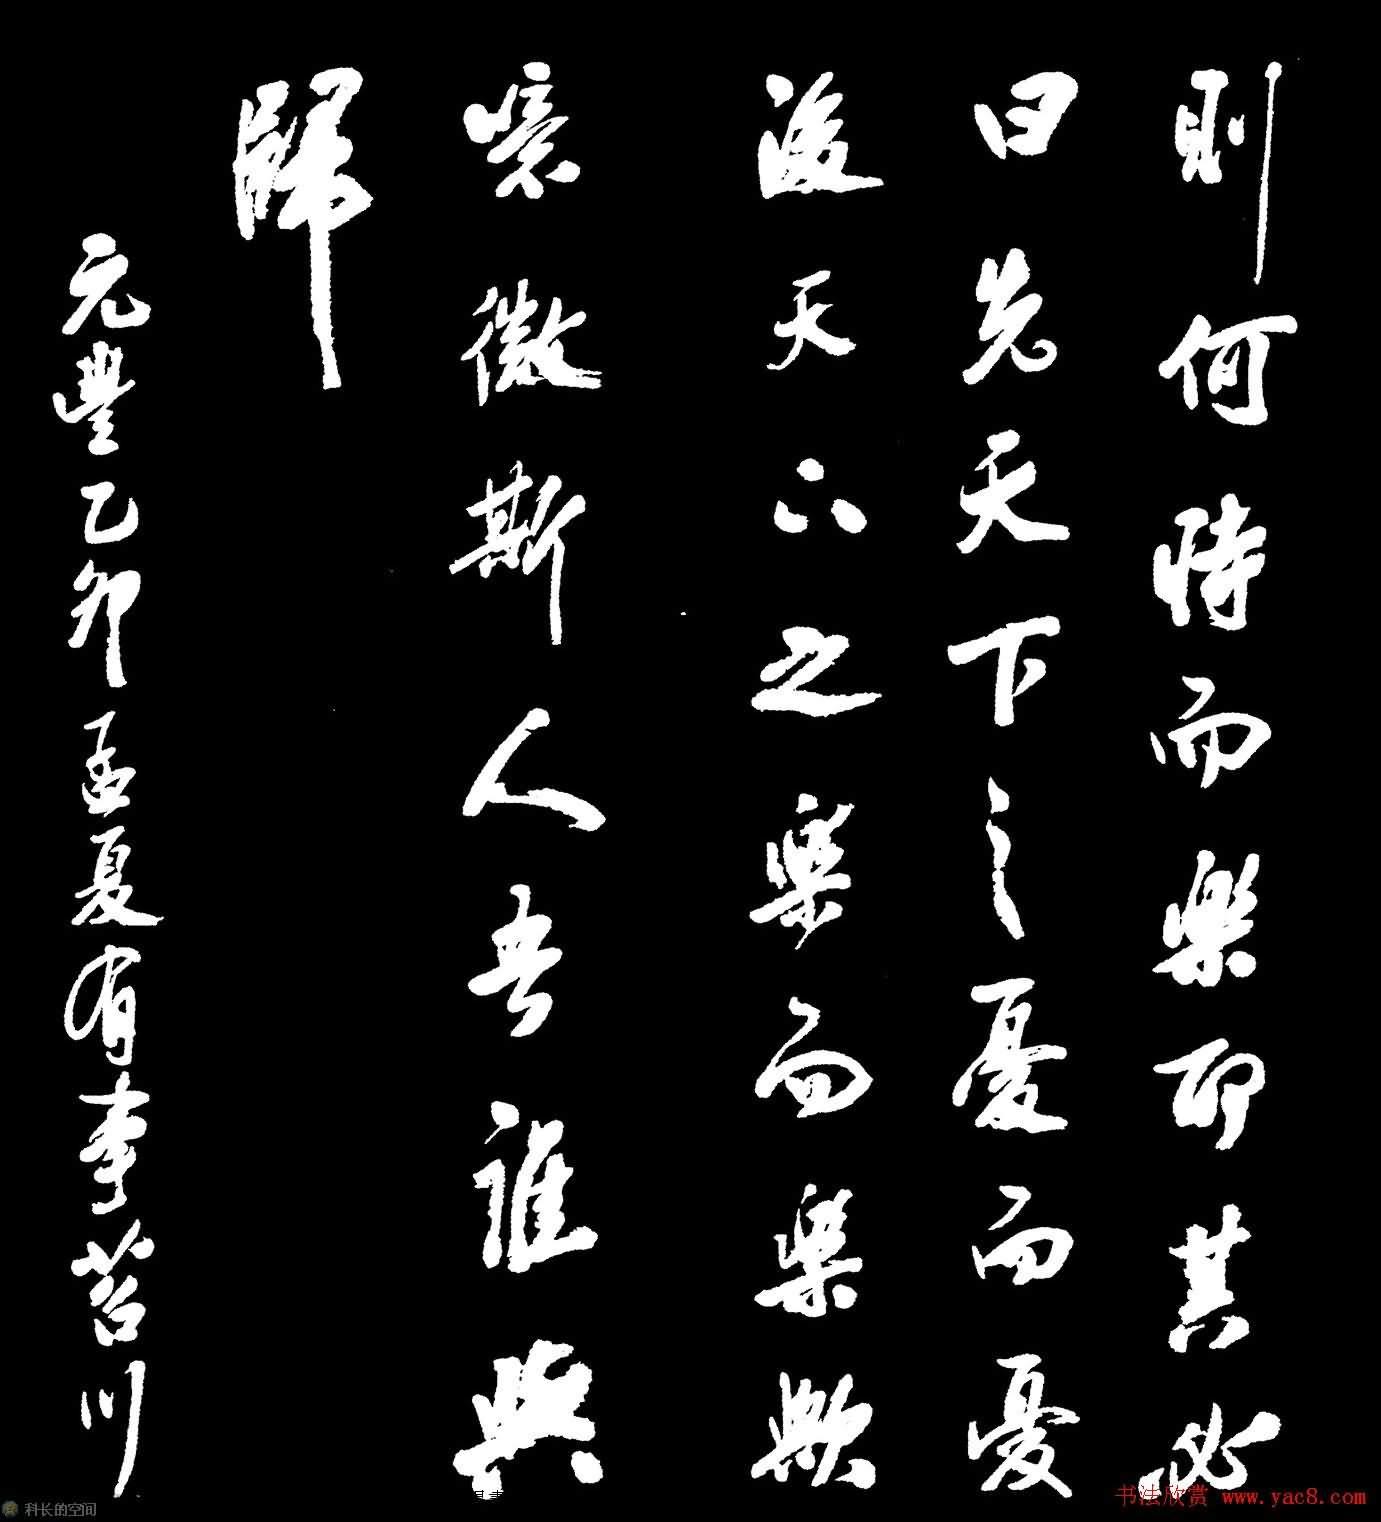 米芾書法字帖欣賞《岳陽樓記》